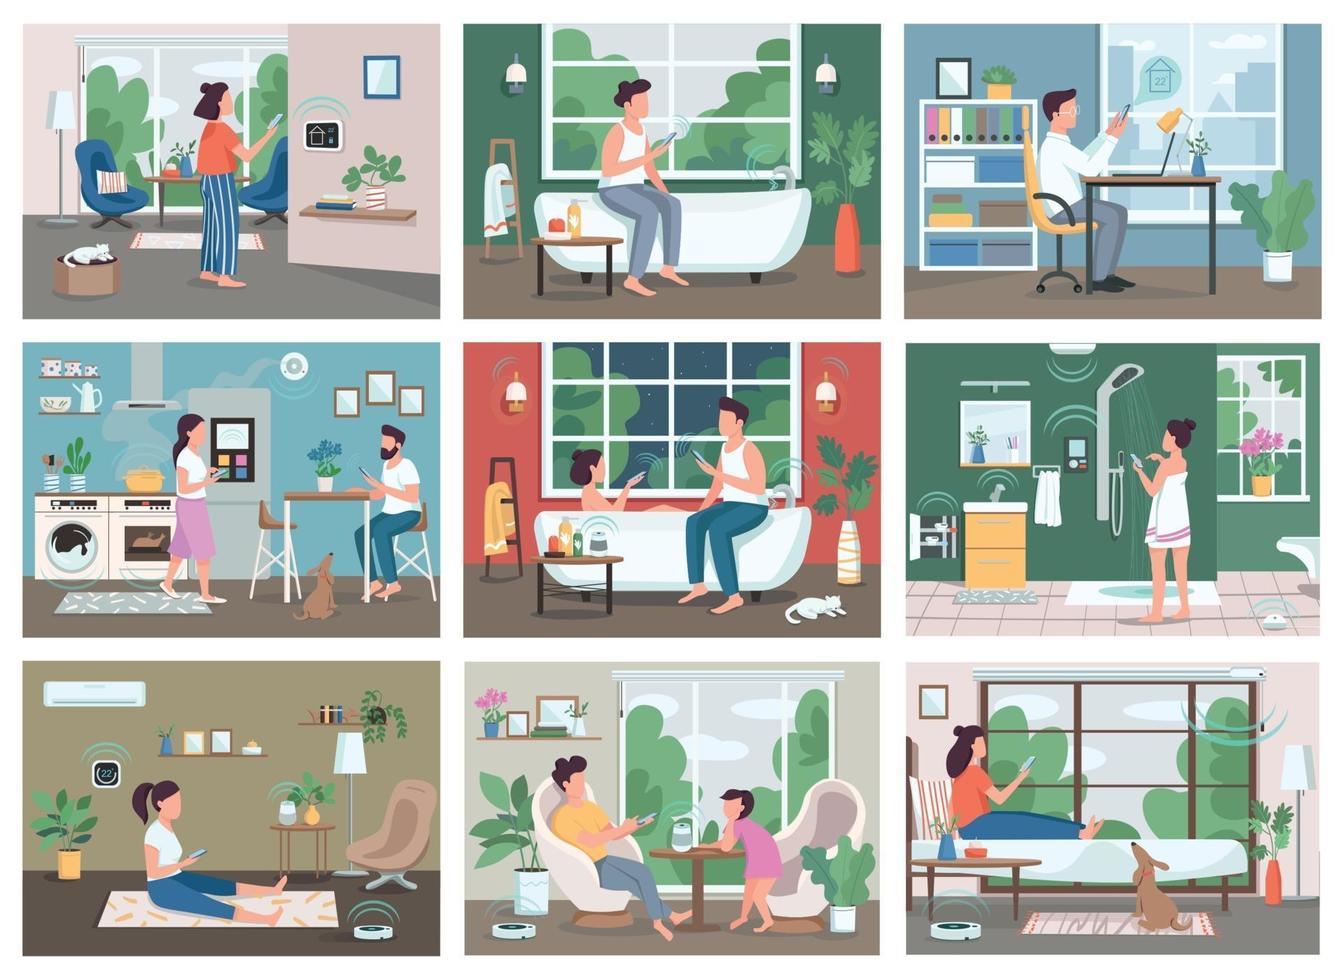 flache Farbvektorillustrationen der Smart Home-Technologie eingestellt. junge Leute mit Smartphones 2d Zeichentrickfiguren. iot, futuristische Innovationen im häuslichen Leben. automatisierte Fernbedienung für Haushaltsgeräte vektor